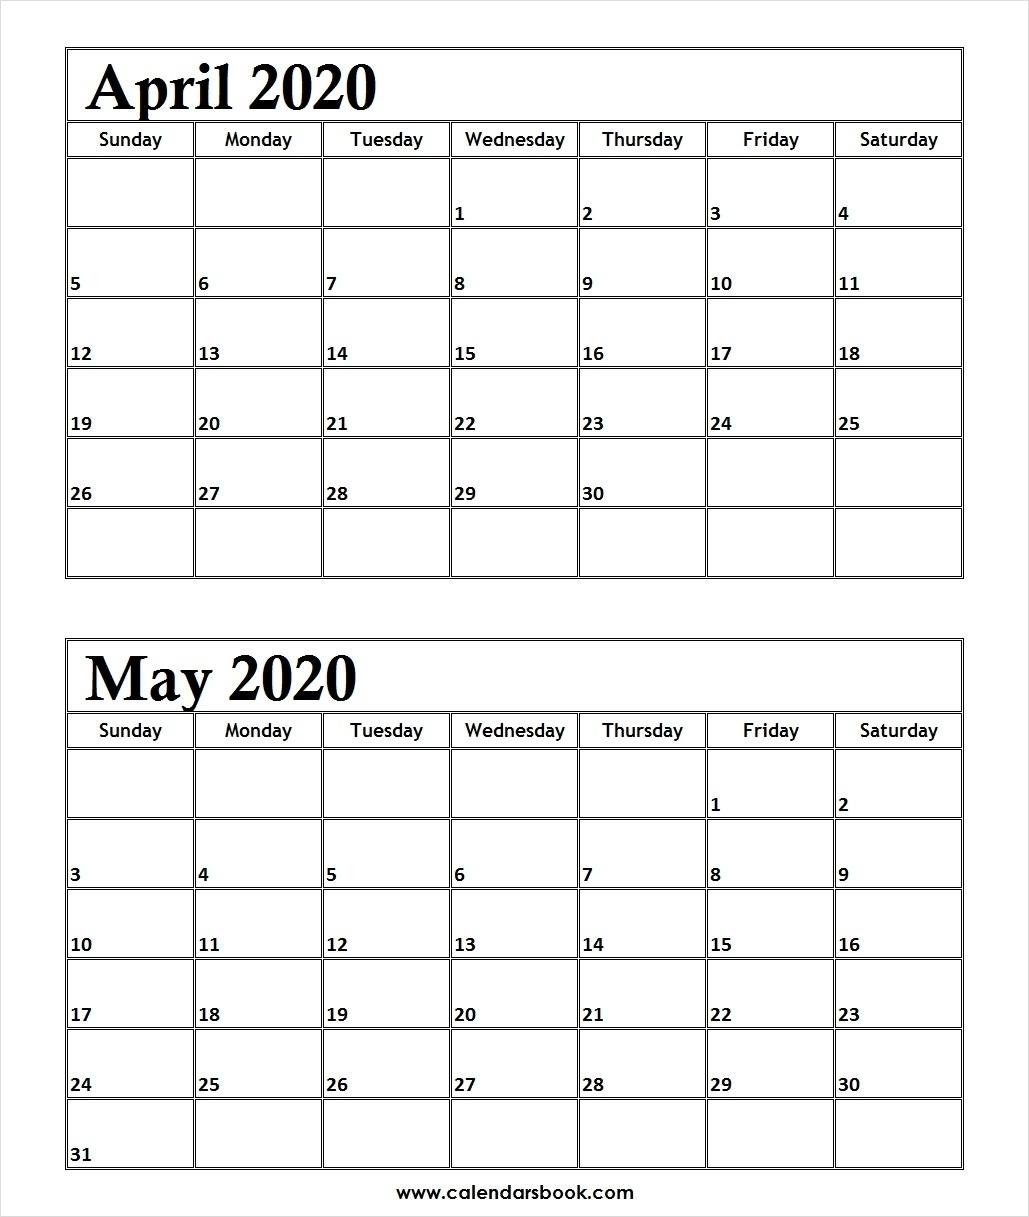 Calendar 2020 April May – Get Your Calendar Printable